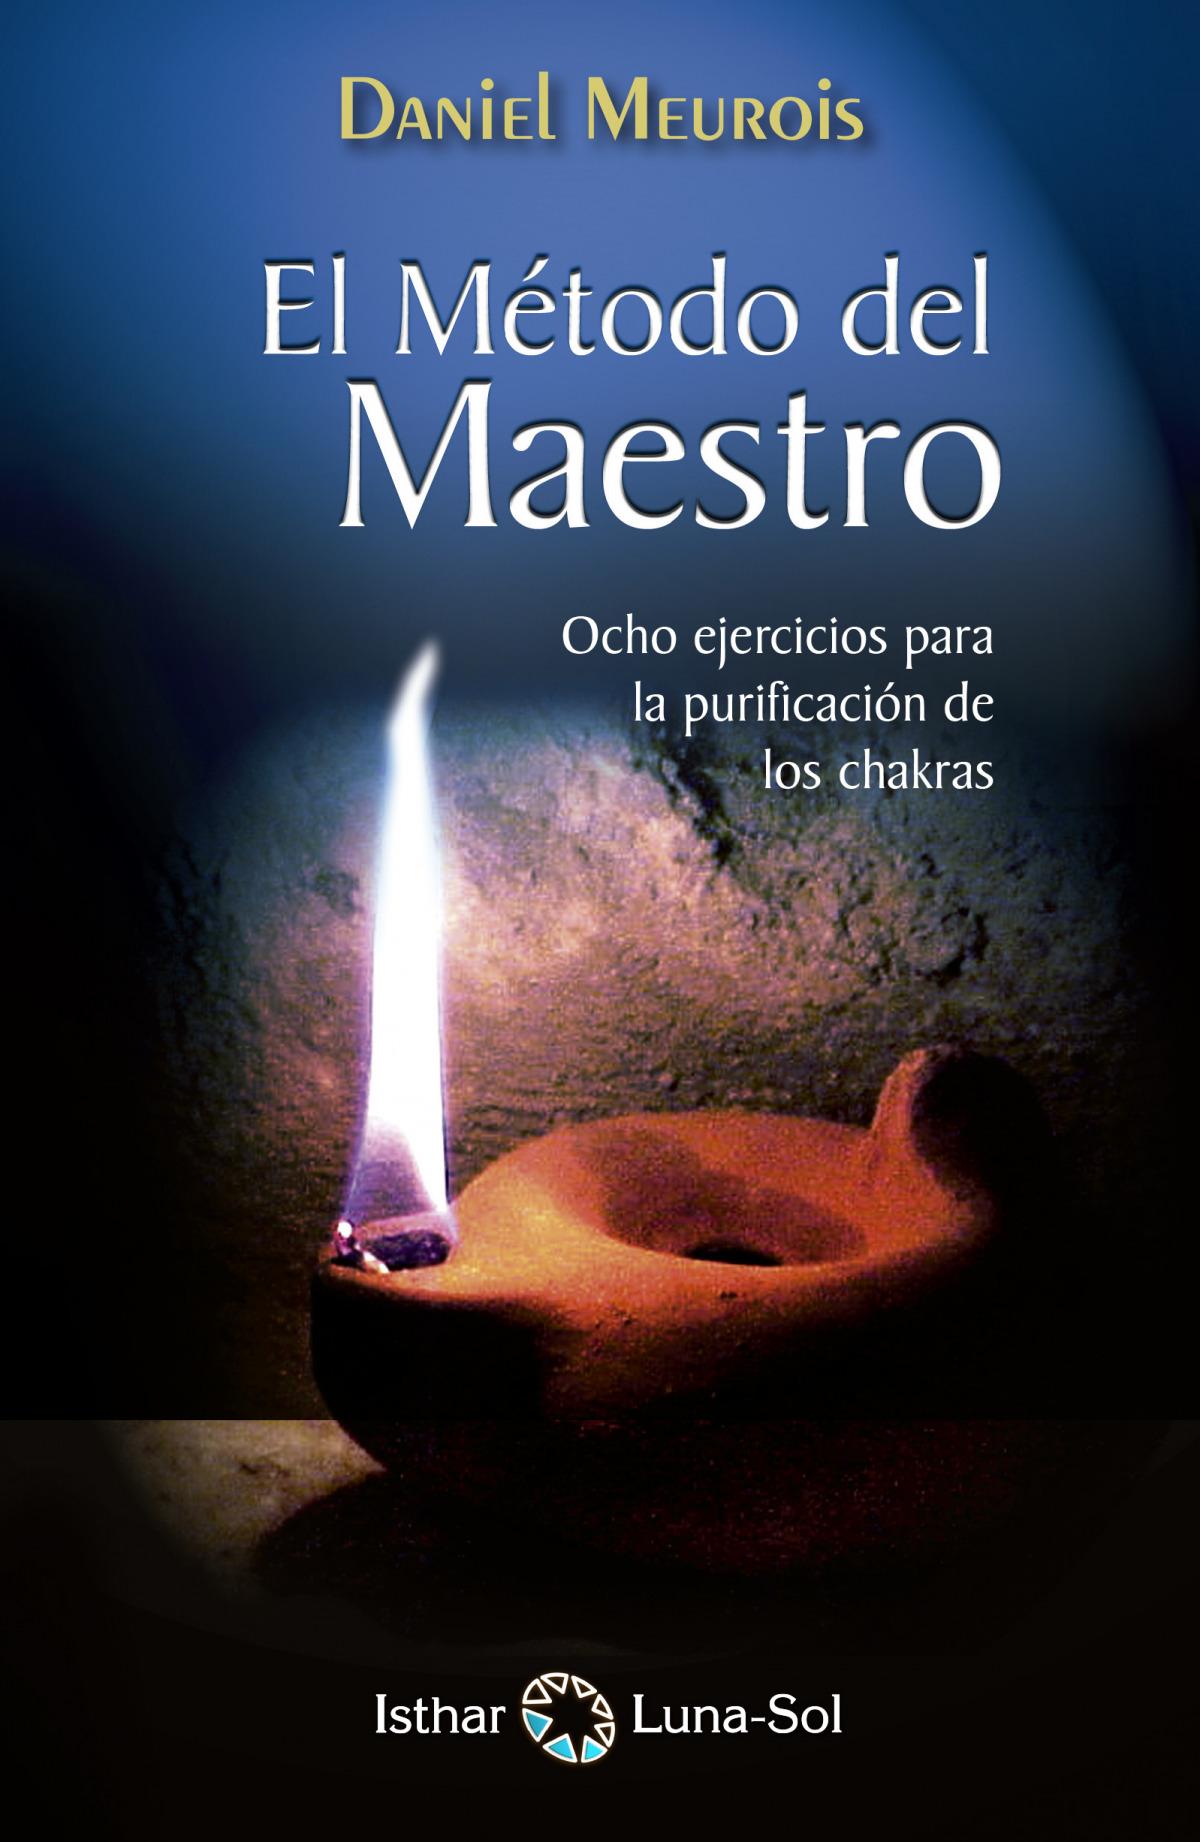 El Método del Maestro 9788417230678